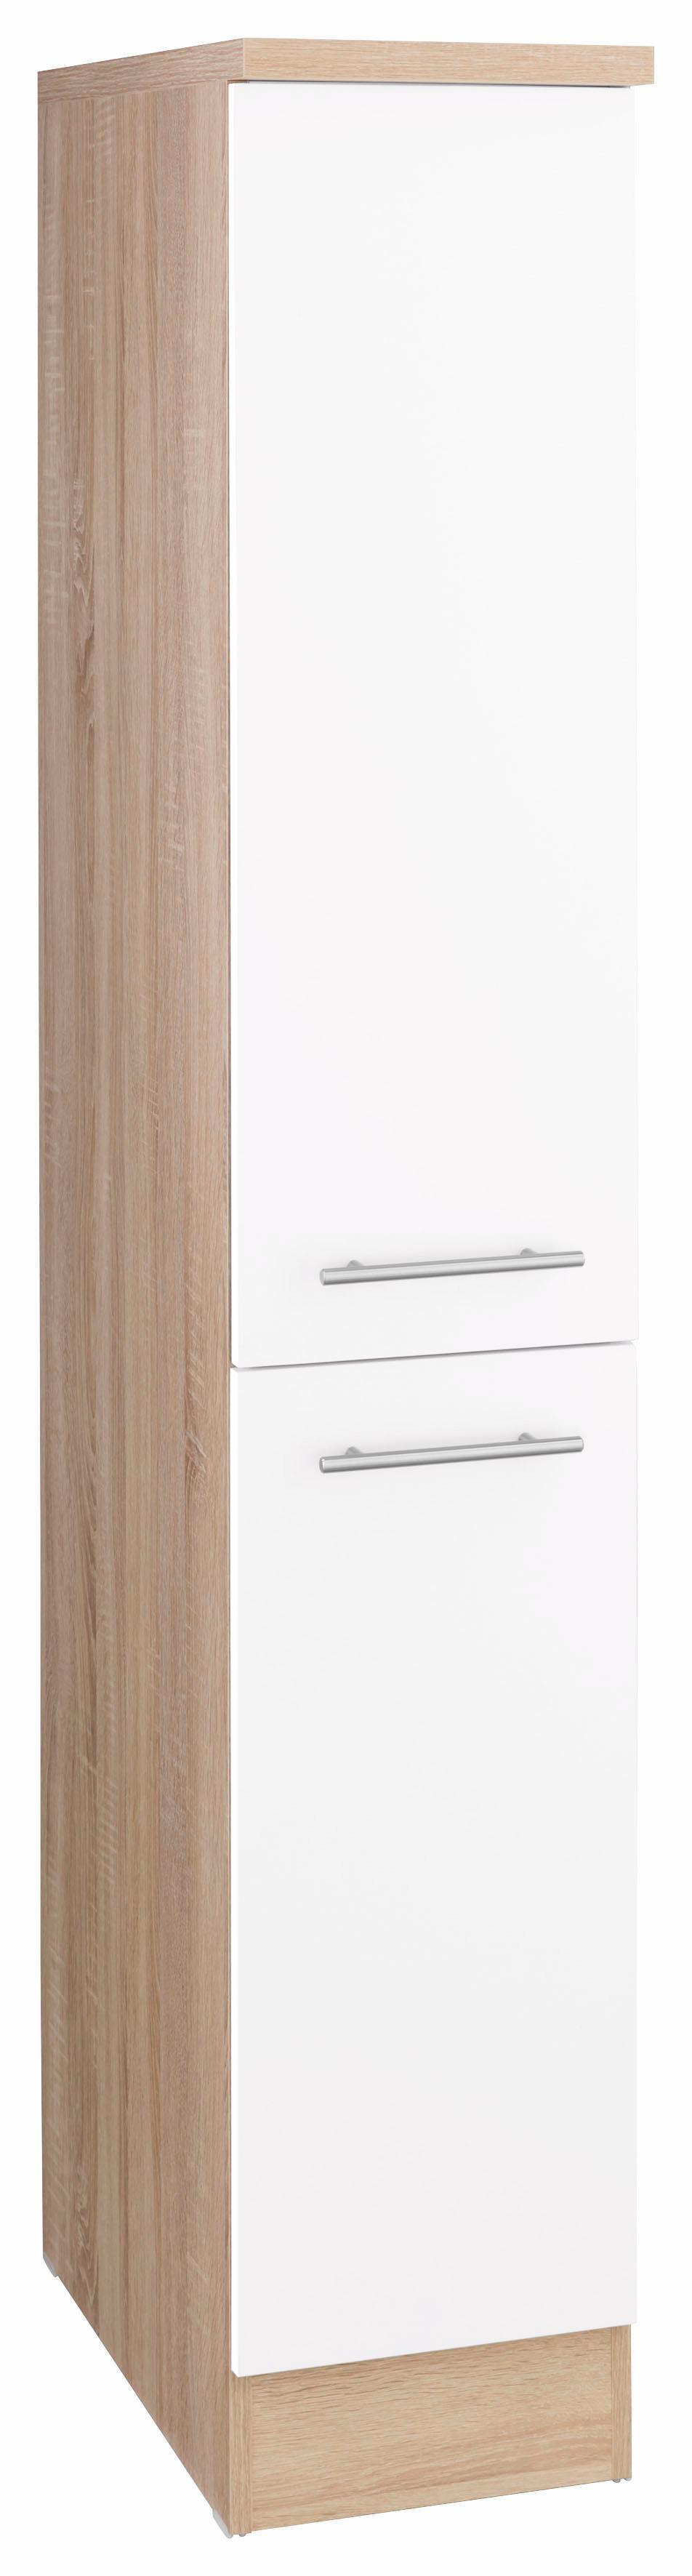 OPTIFIT Apothekerschrank »Kalmar«